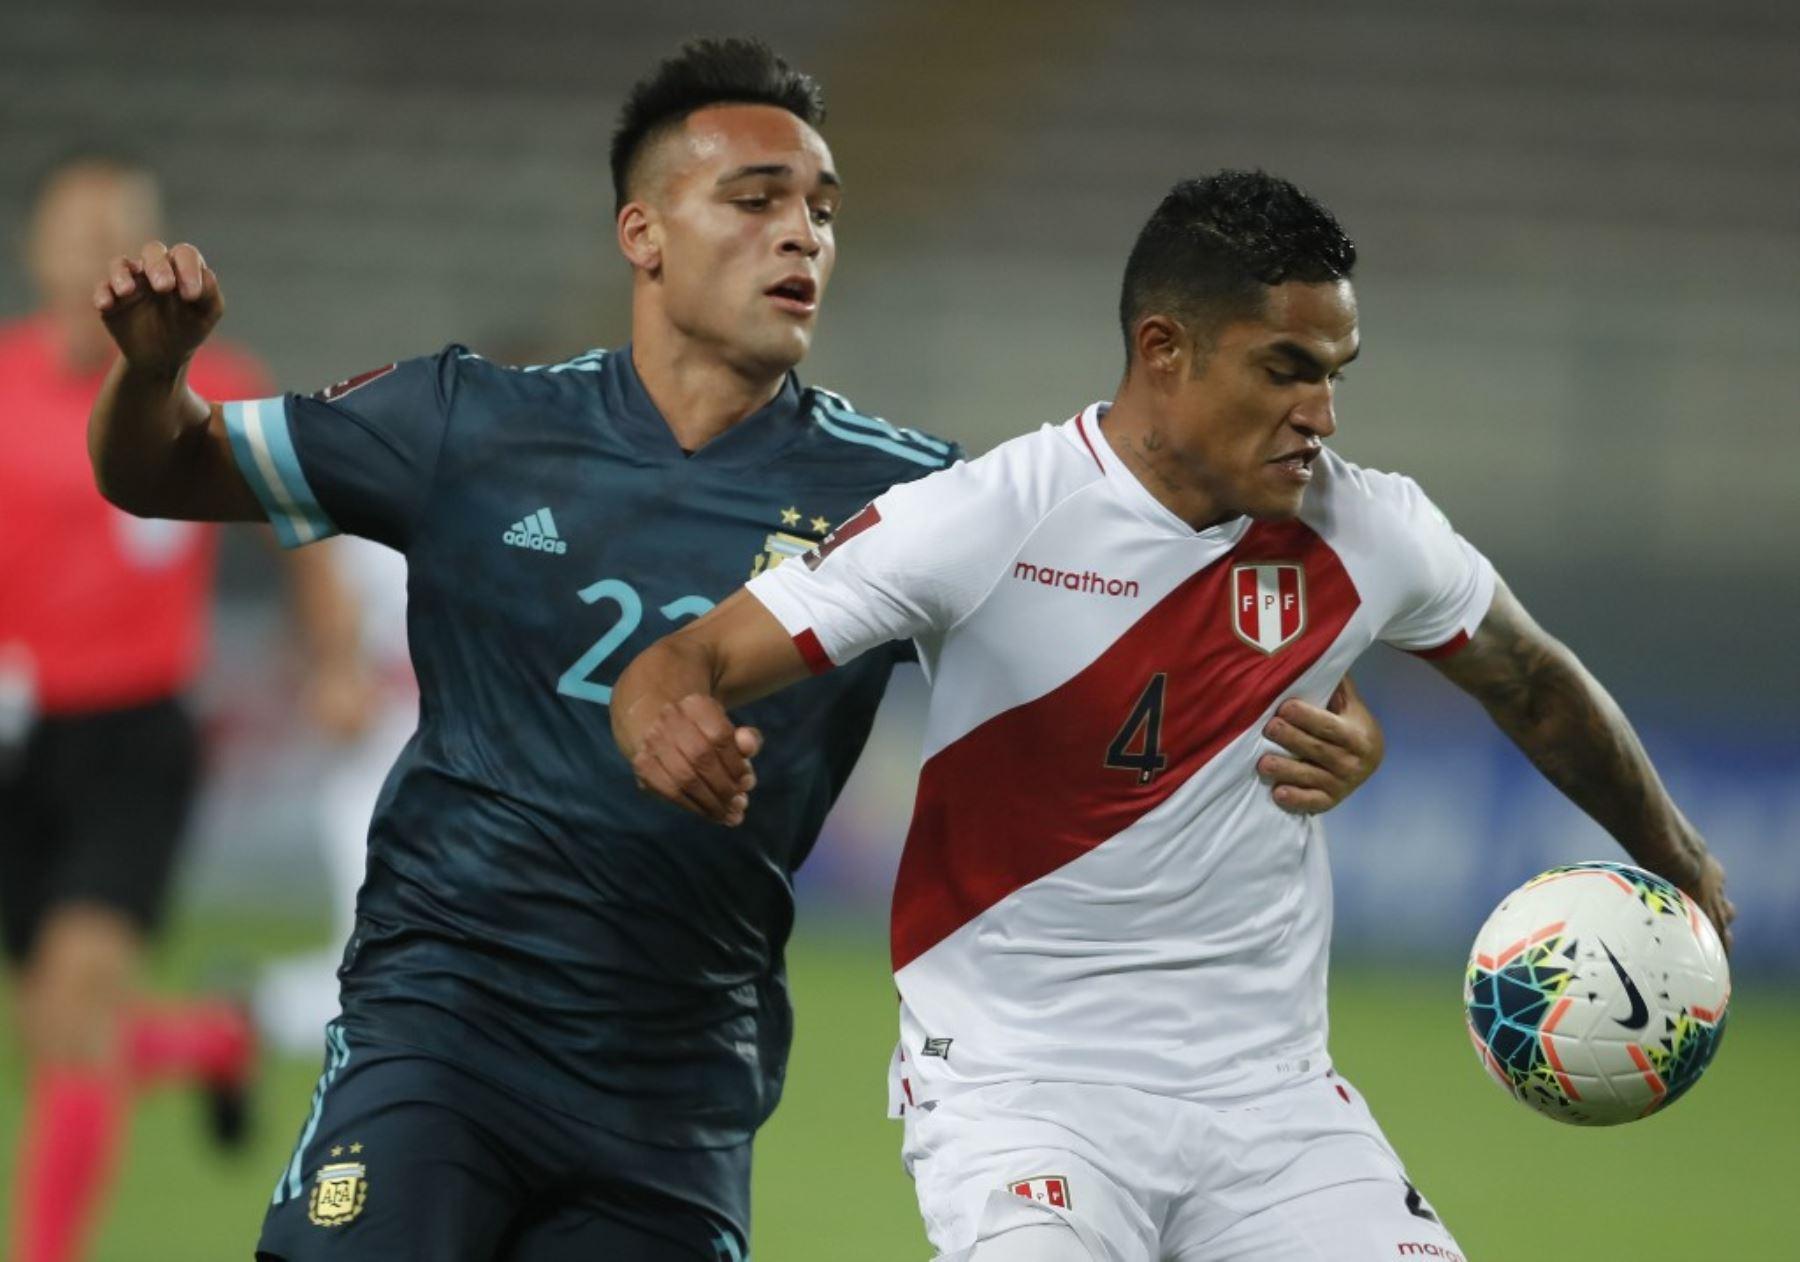 El argentino Lautaro Martínez y el peruano Anderson Santamaría compiten por el balón durante su partido de fútbol a puerta cerrada clasificatorio sudamericano para la Copa Mundial de la FIFA 2022 en el Estadio Nacional de Lima. Foto: AFP